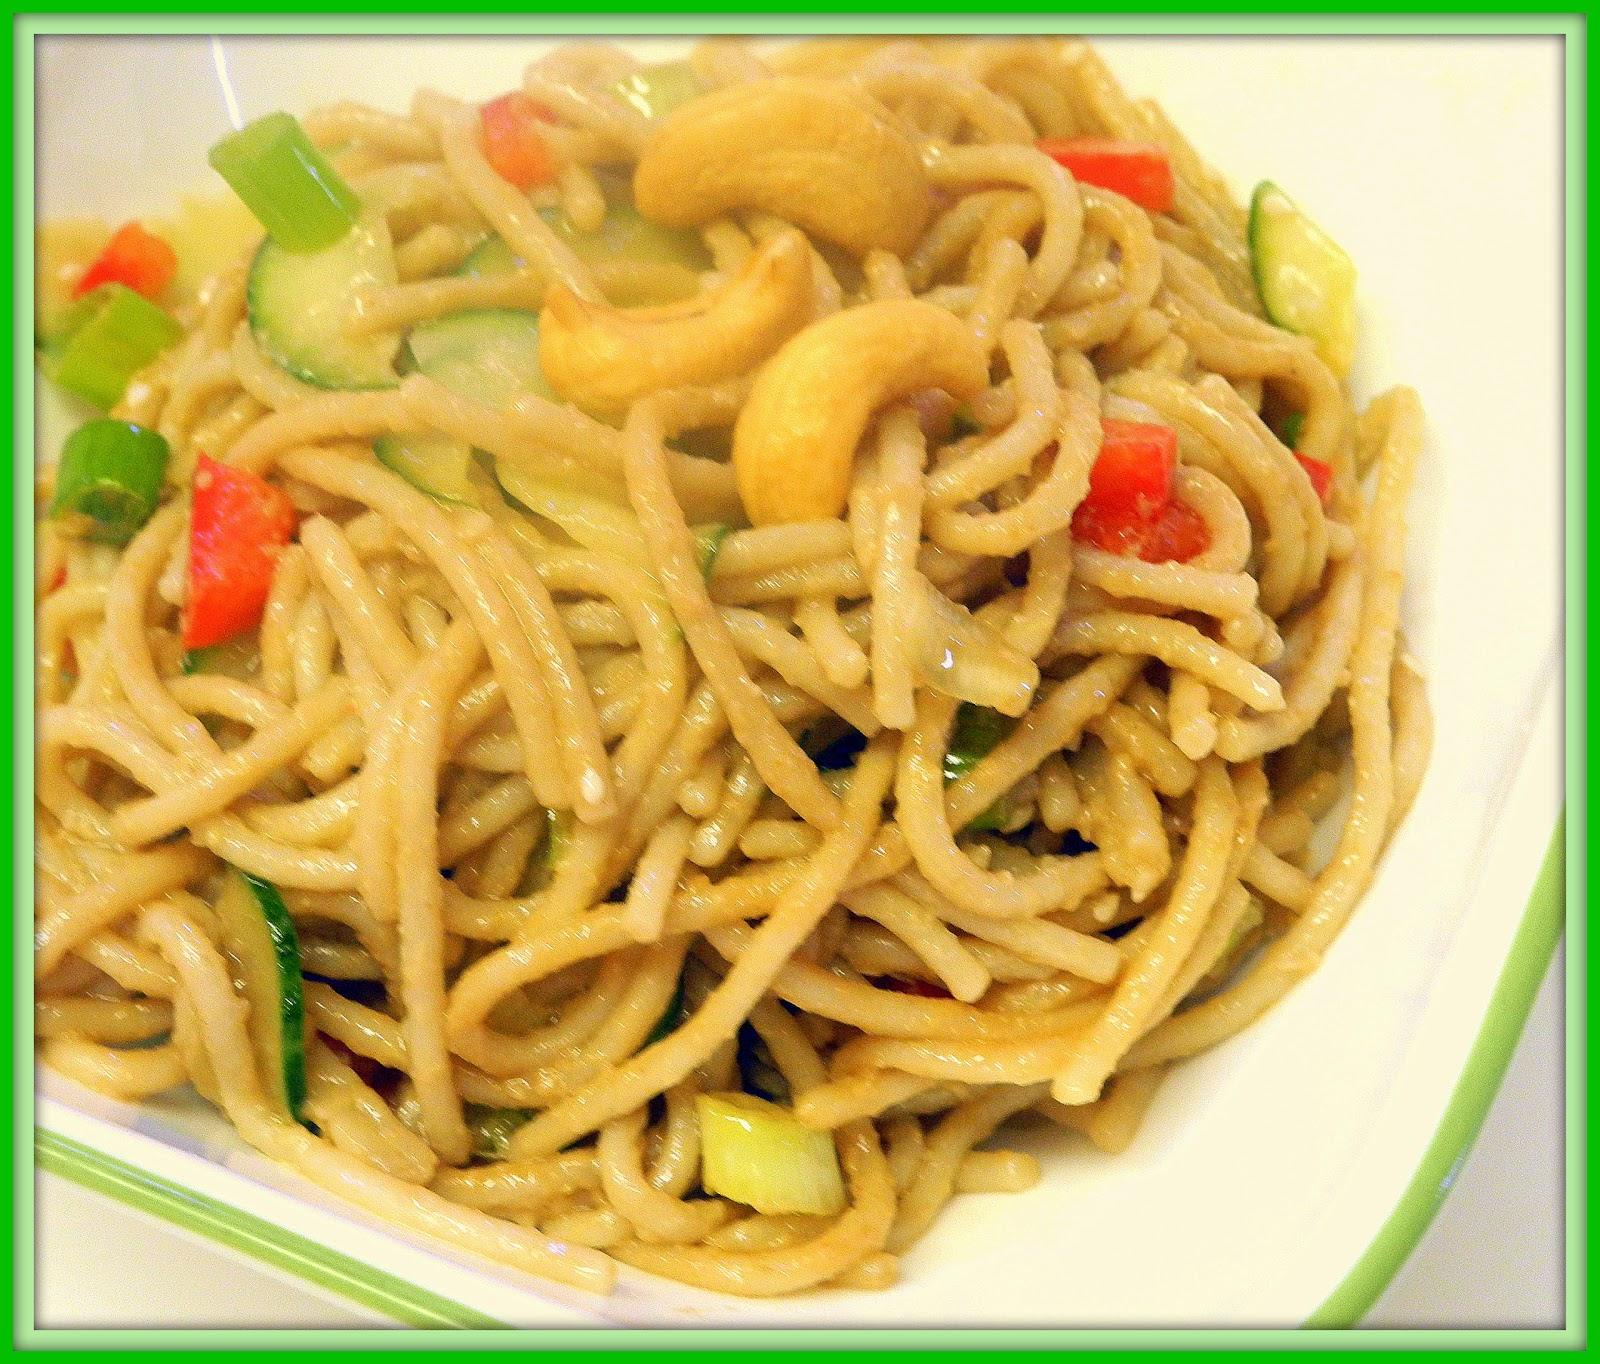 BIZZY BAKES: Vegetarian Noodle Salad